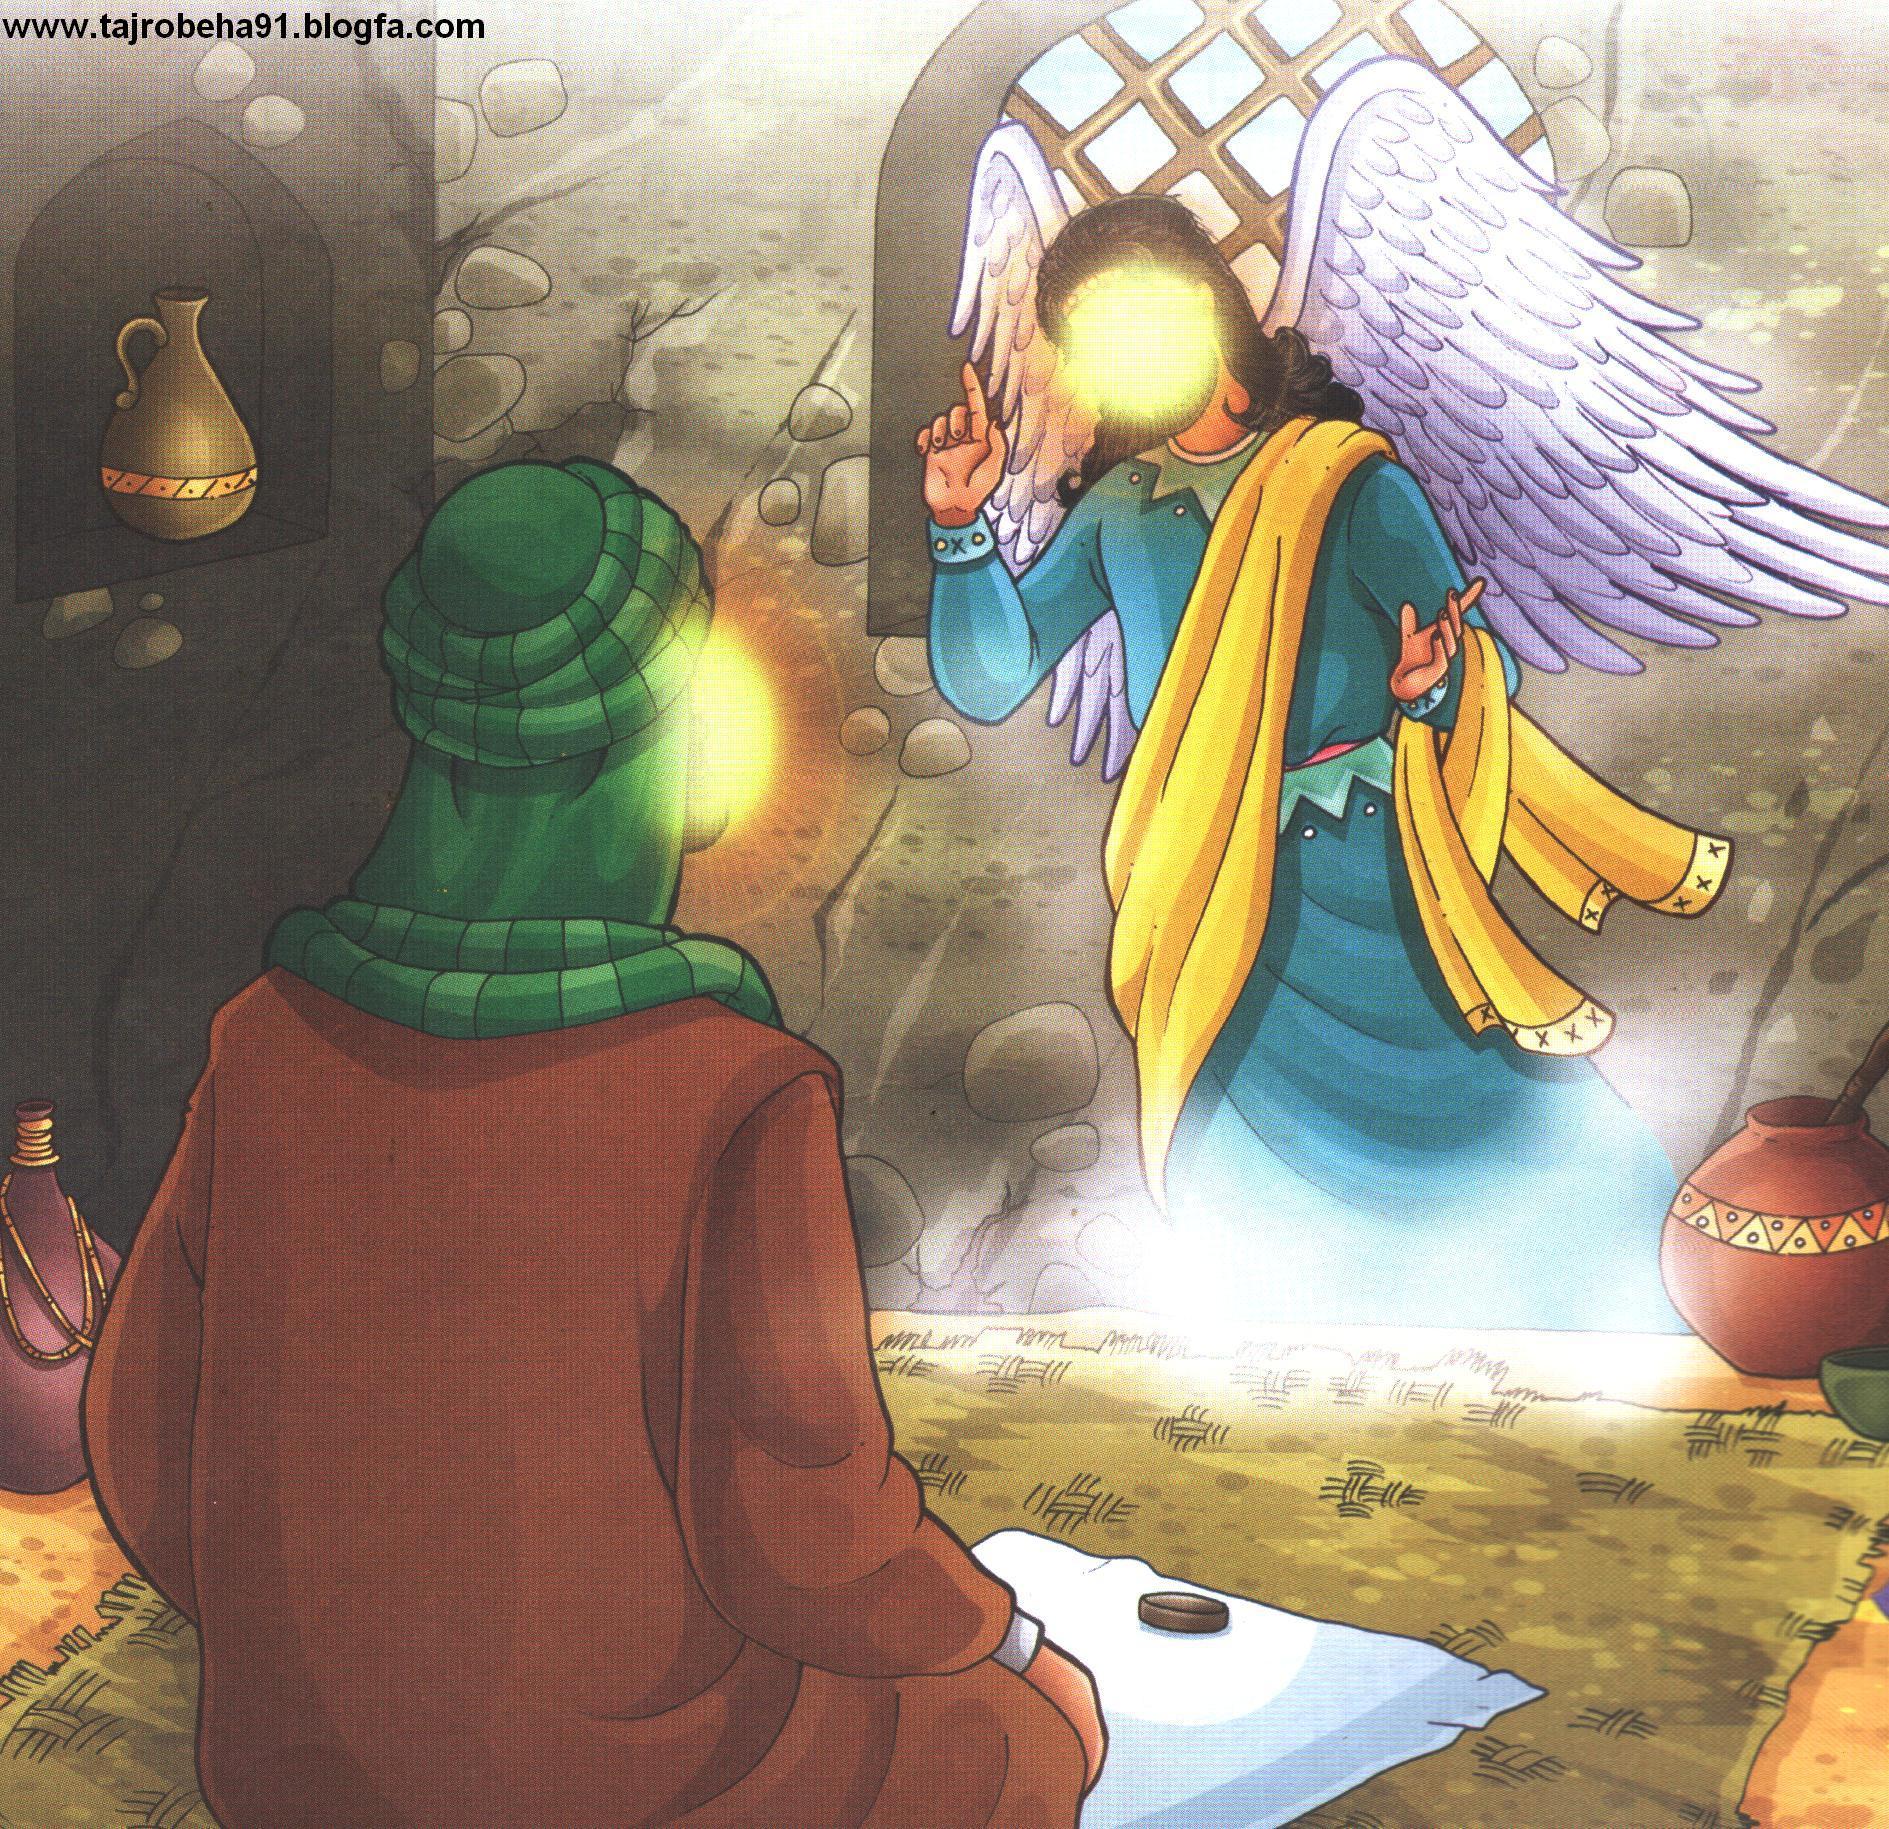 داستان سوره قدر (قشنگترین شب دنیا)